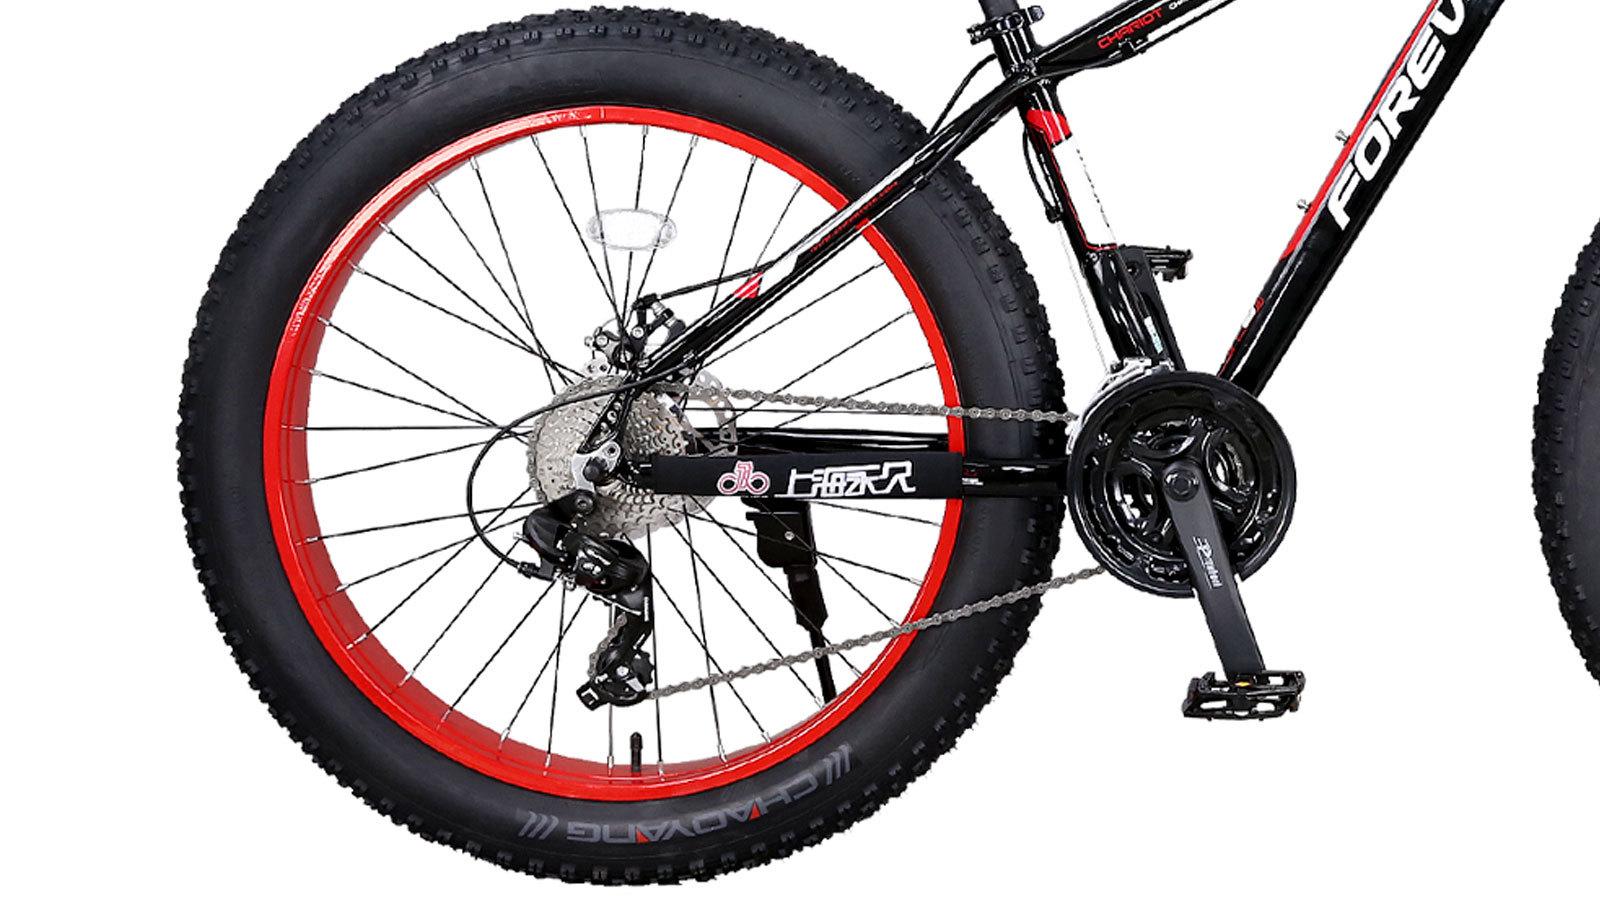 заднее колесо и педаль горного велосипеда фэтбайк